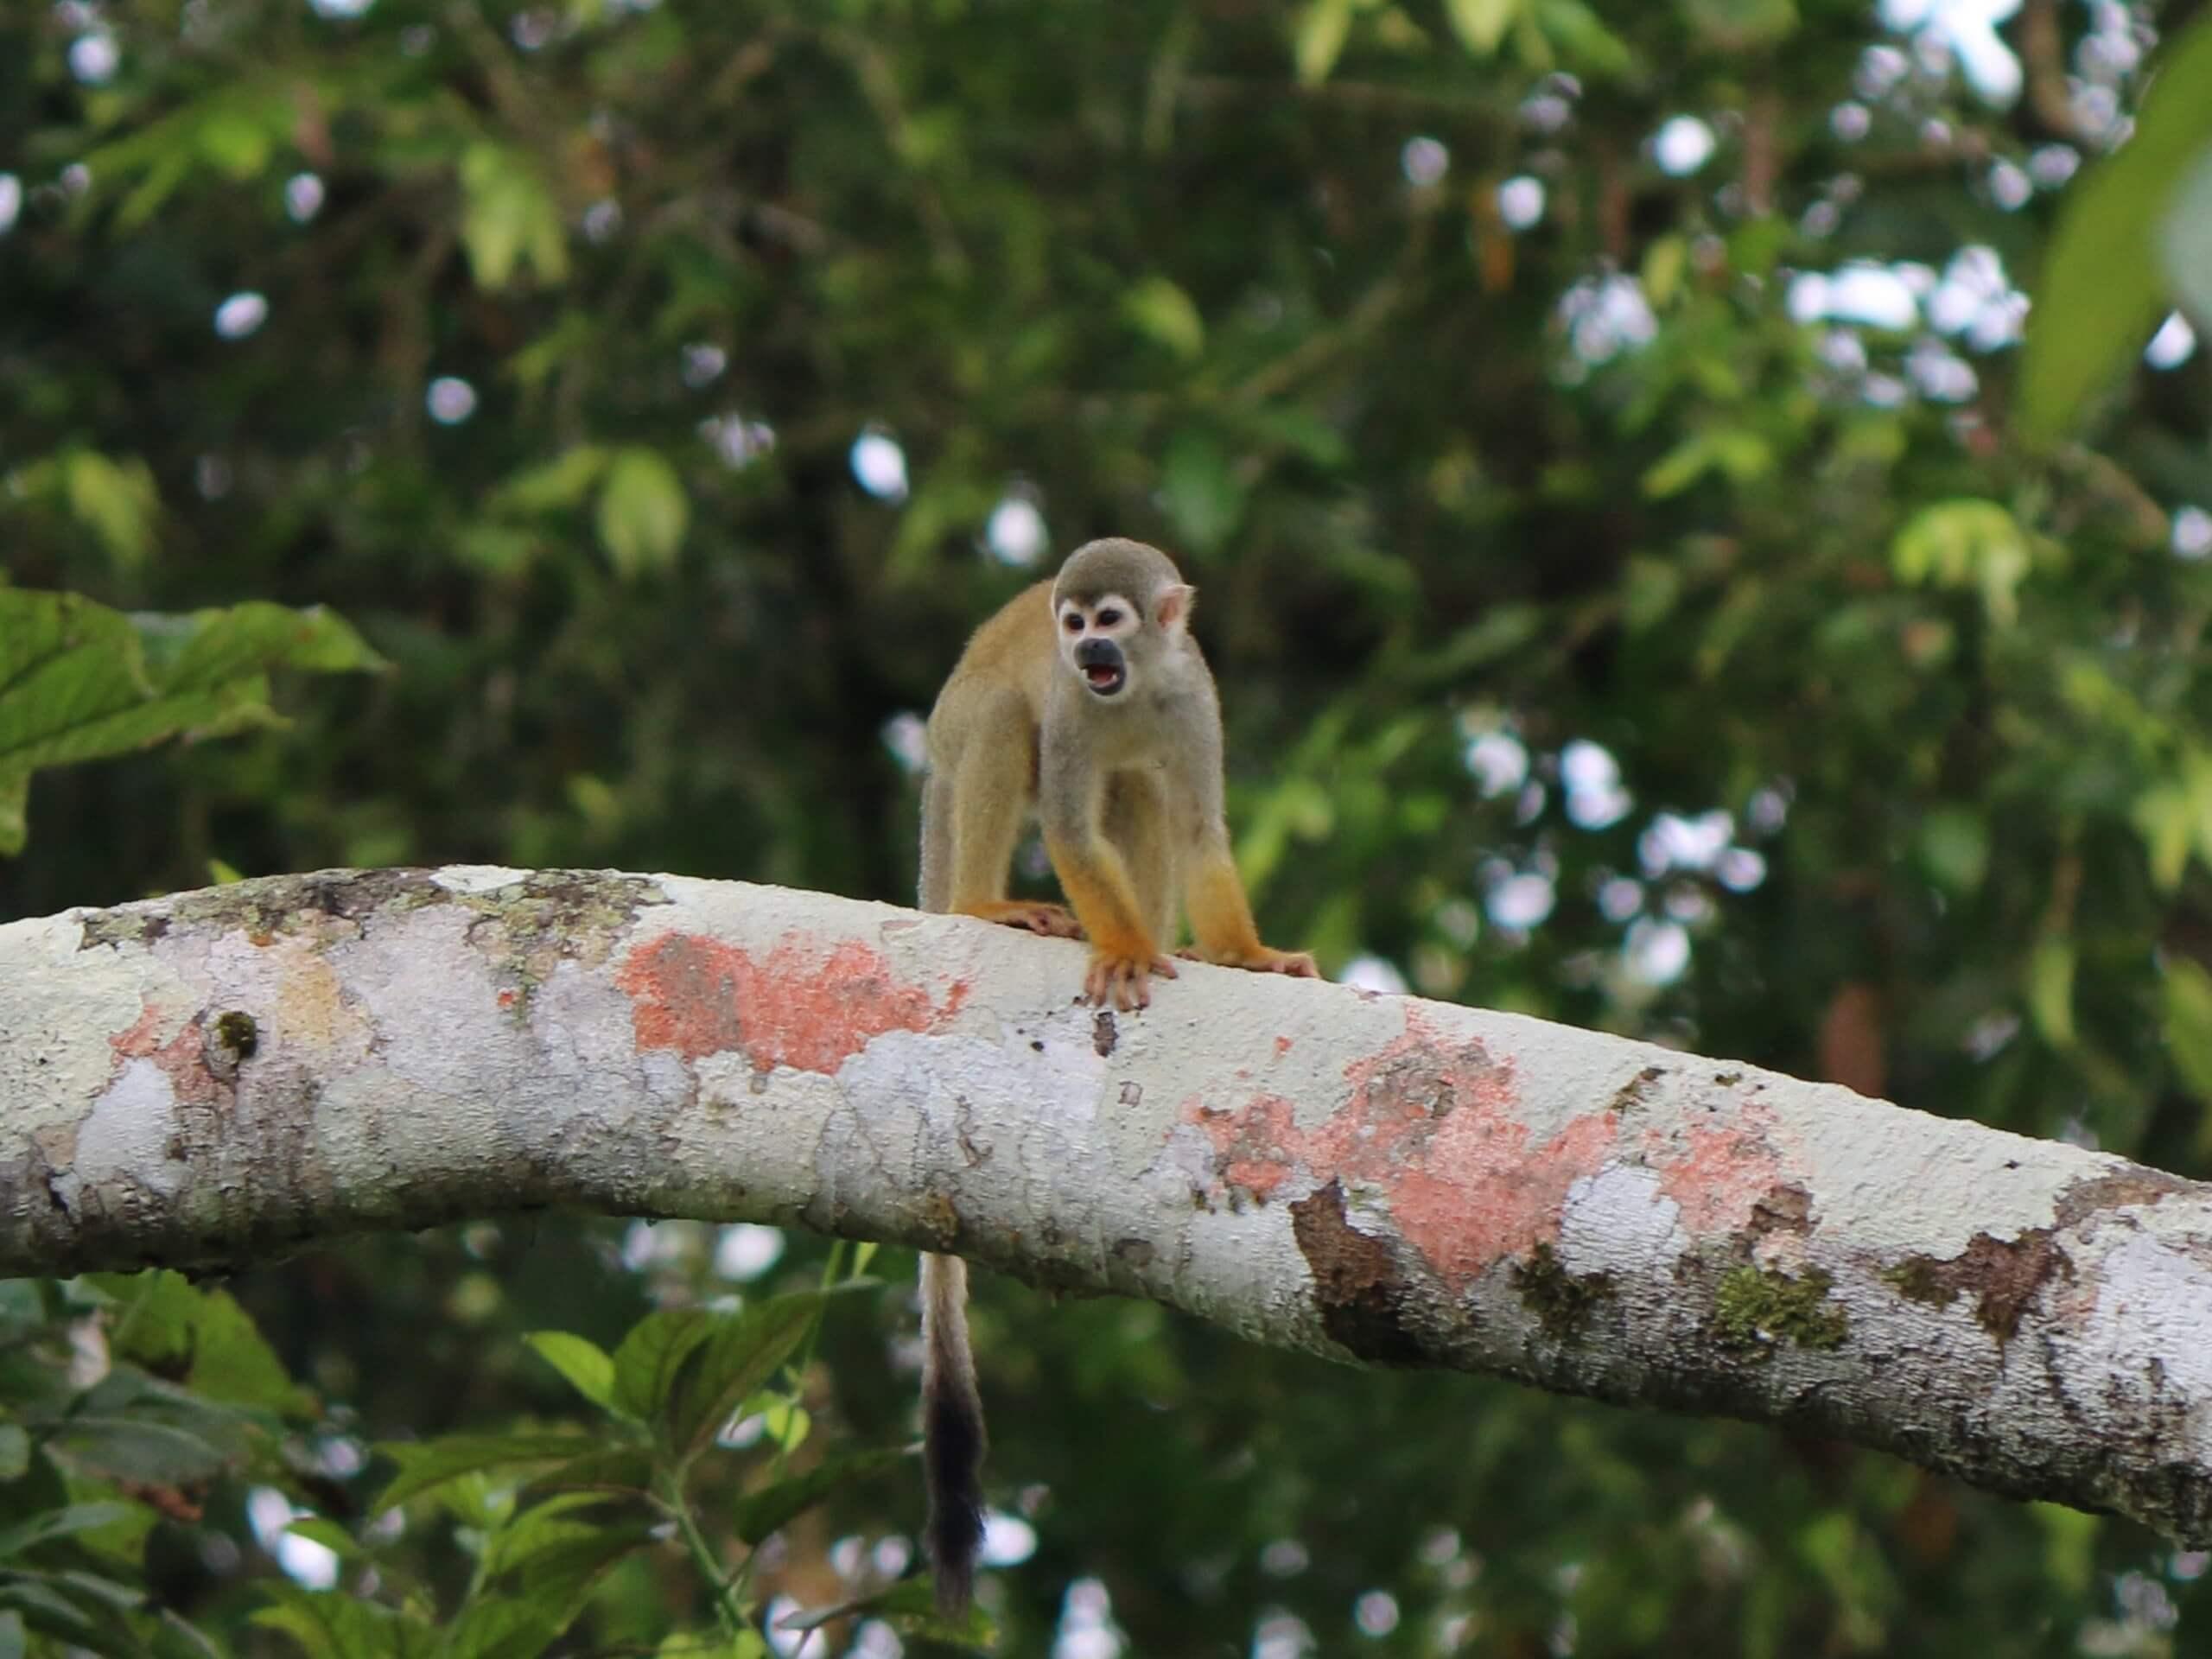 Monkey met in Ecuador during the biking tour